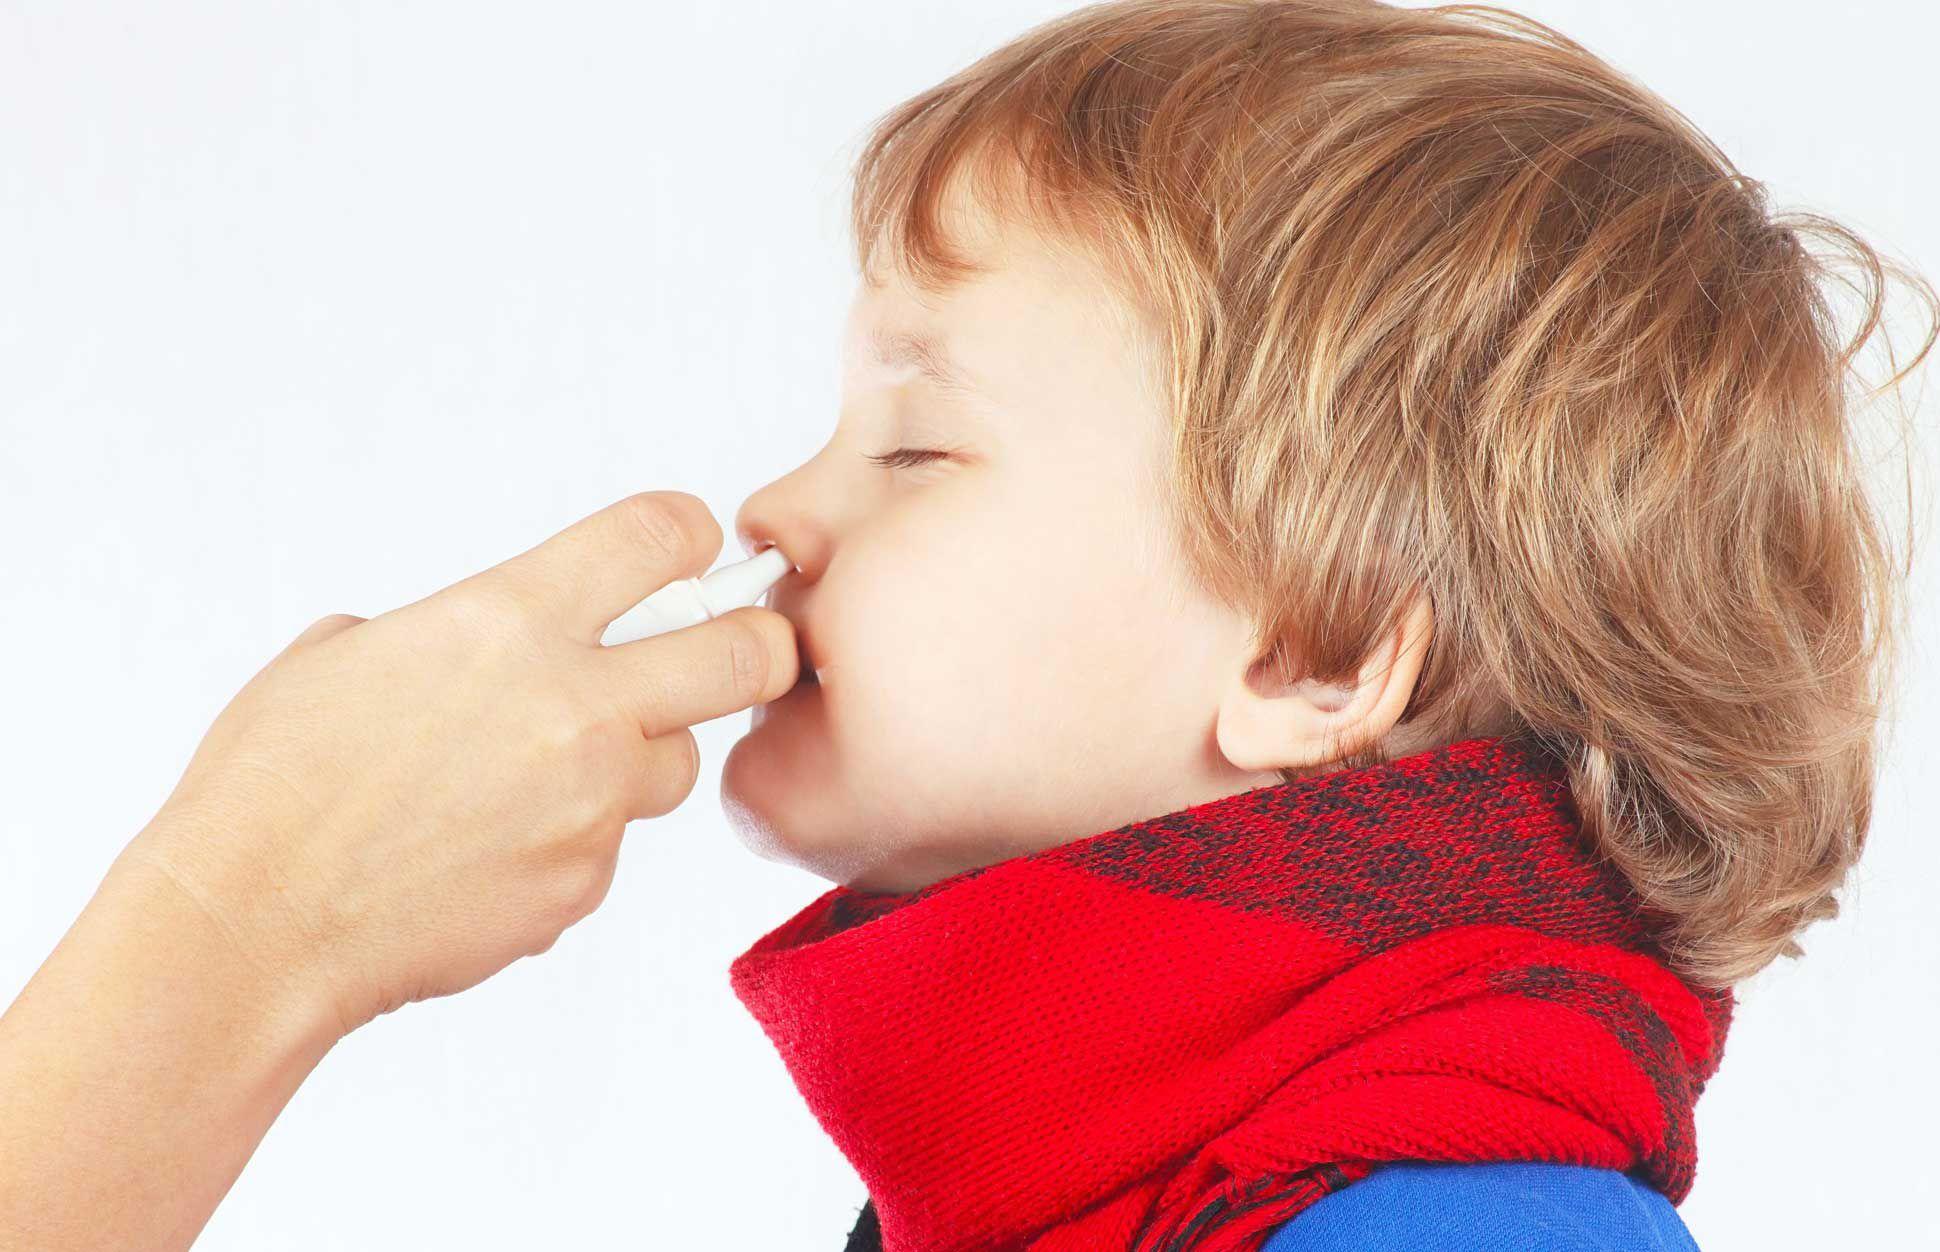 تخفيف الكحه عند الاطفال